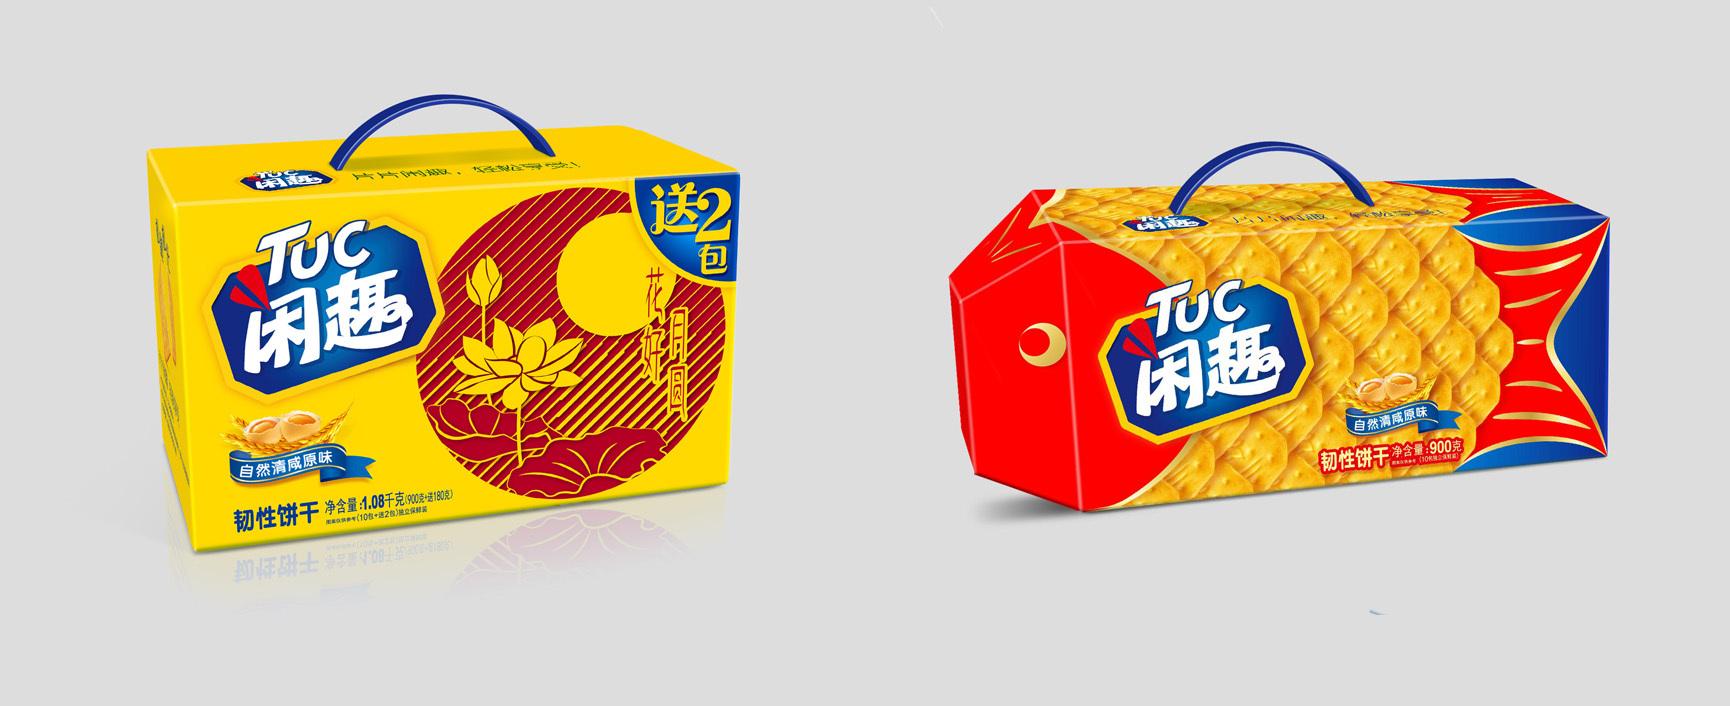 闲趣包装设计中标图1